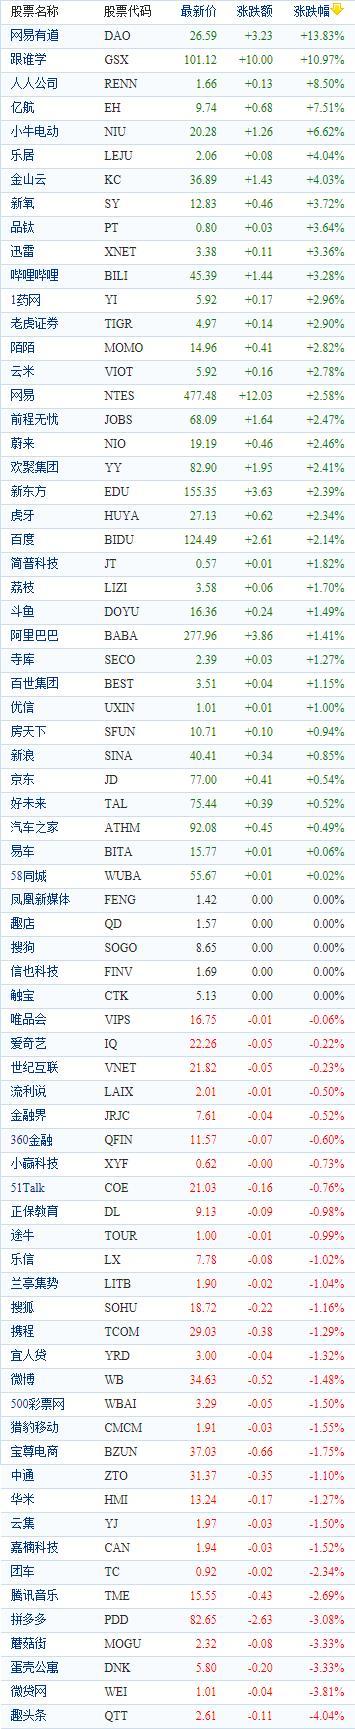 中国概念股周二收盘涨跌互现 网易有道大涨近14%